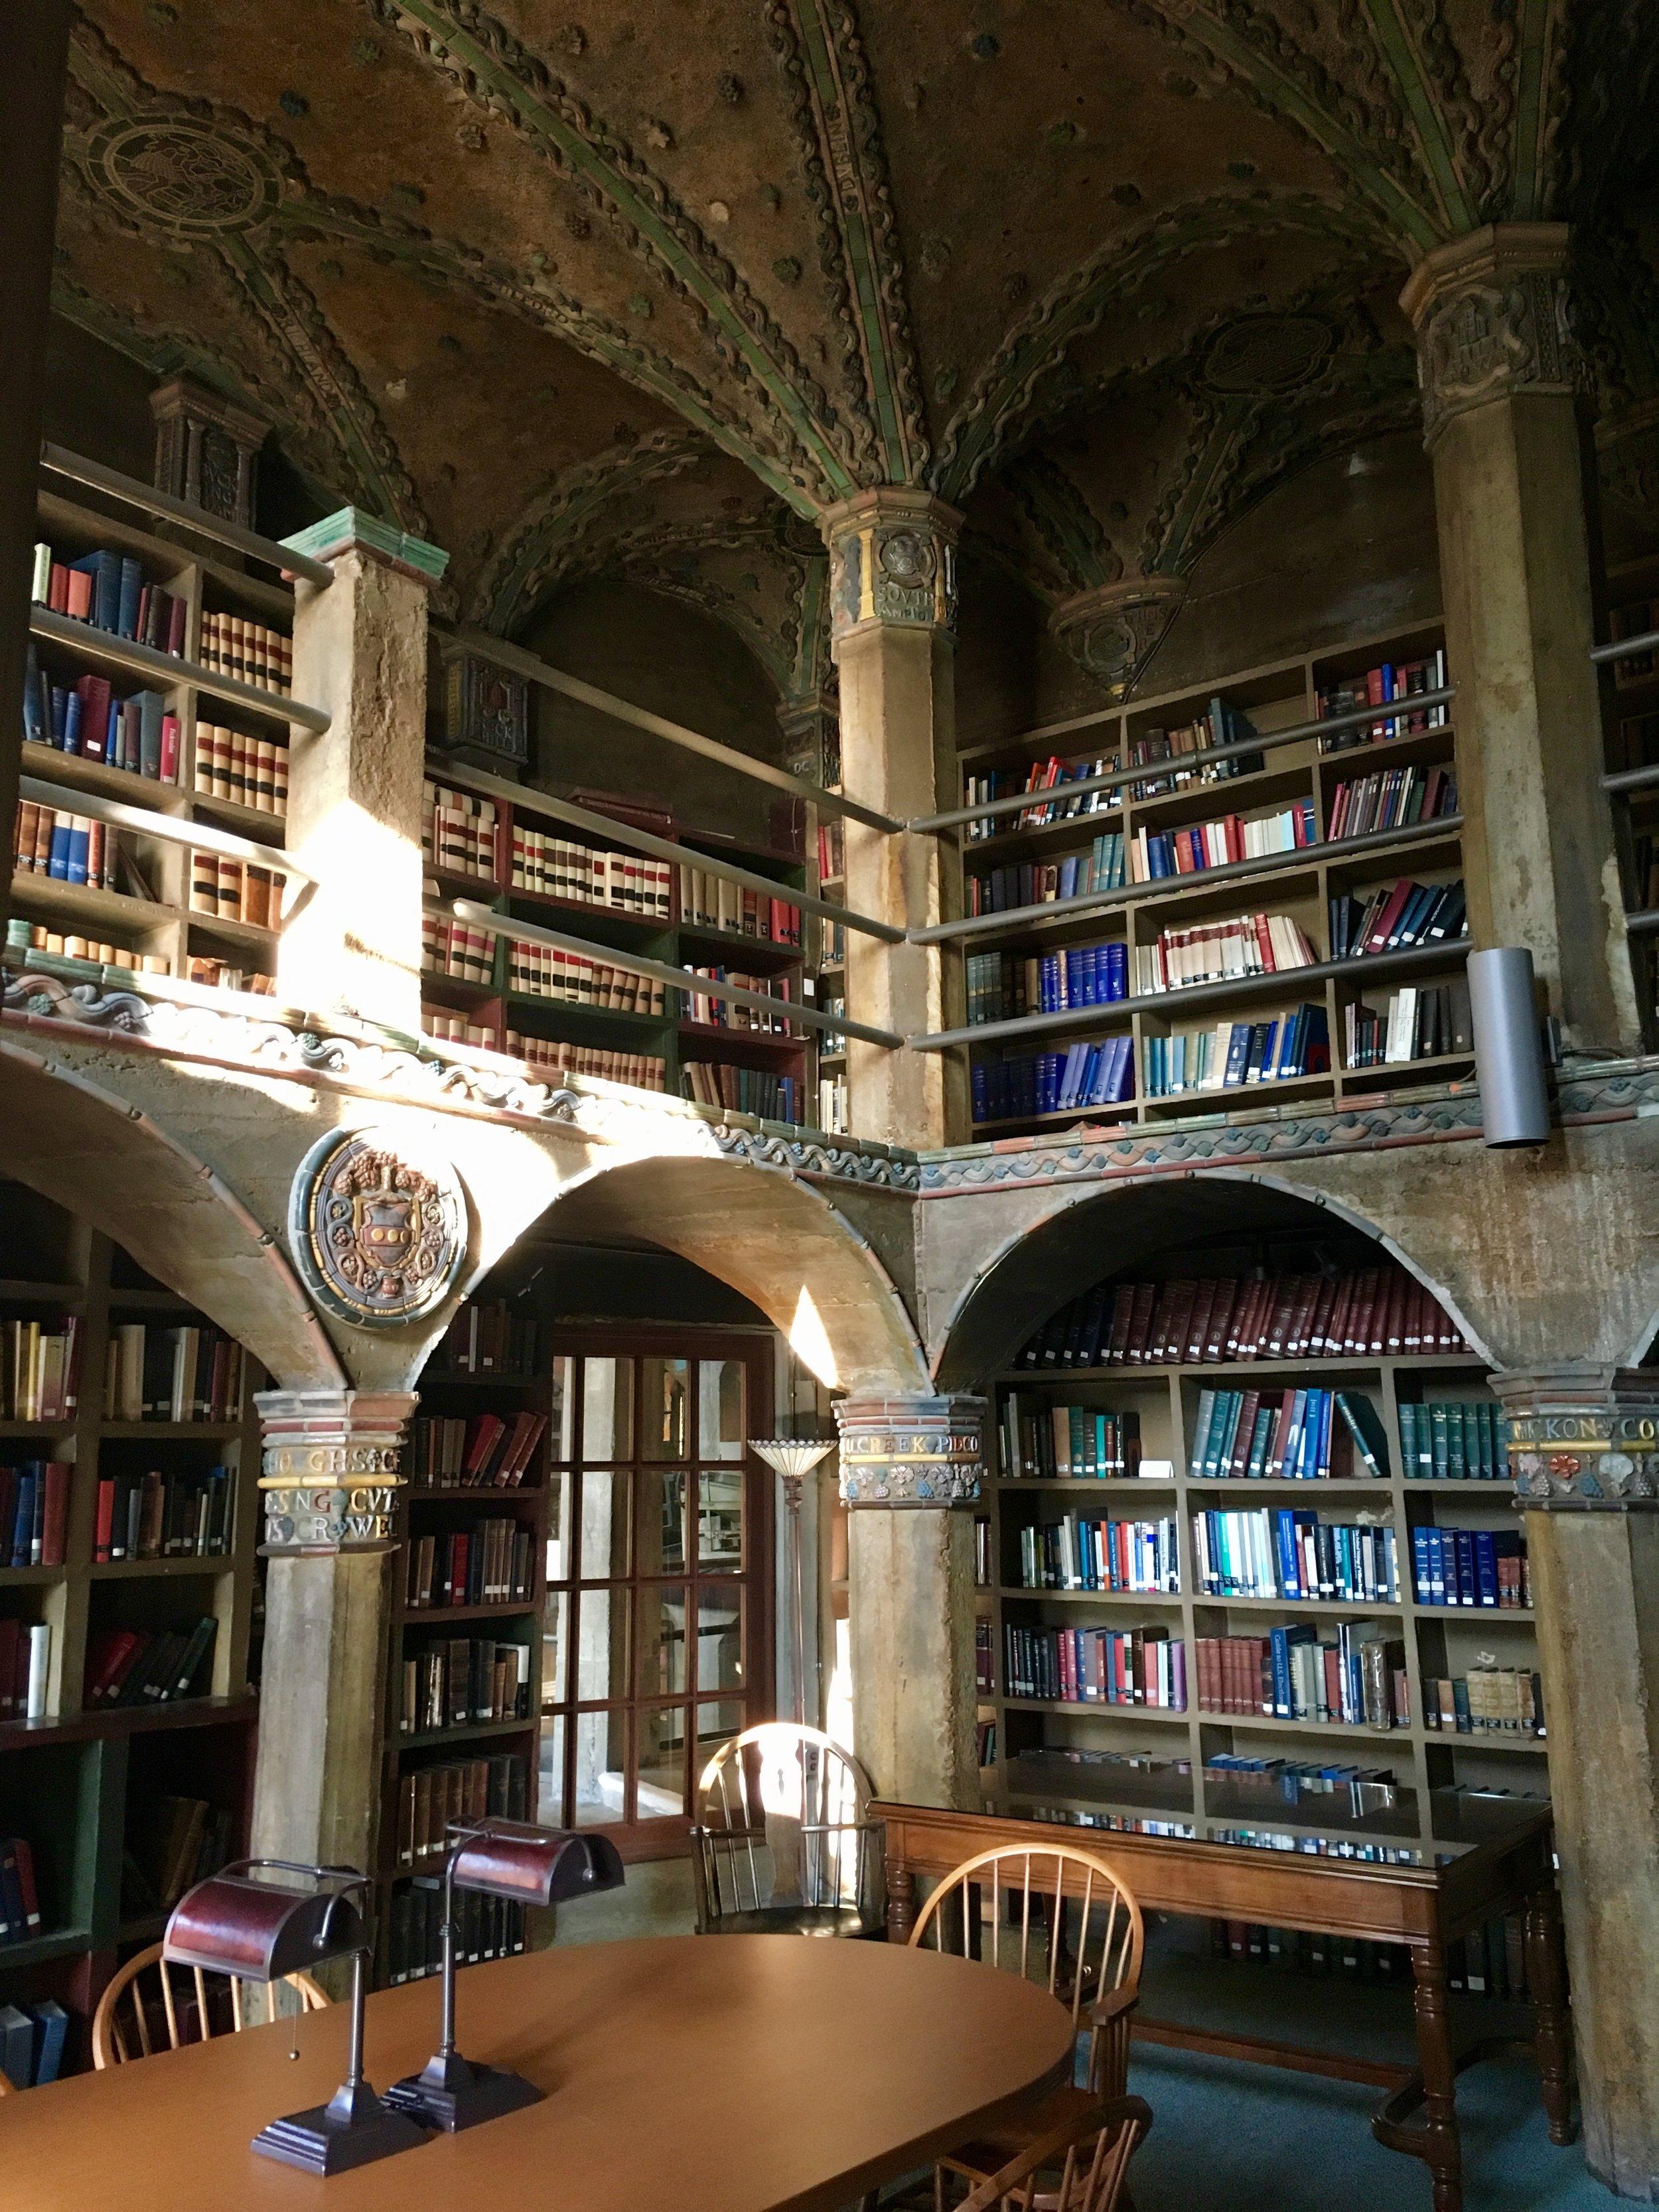 Mercer_Museum_Library(1).jpg